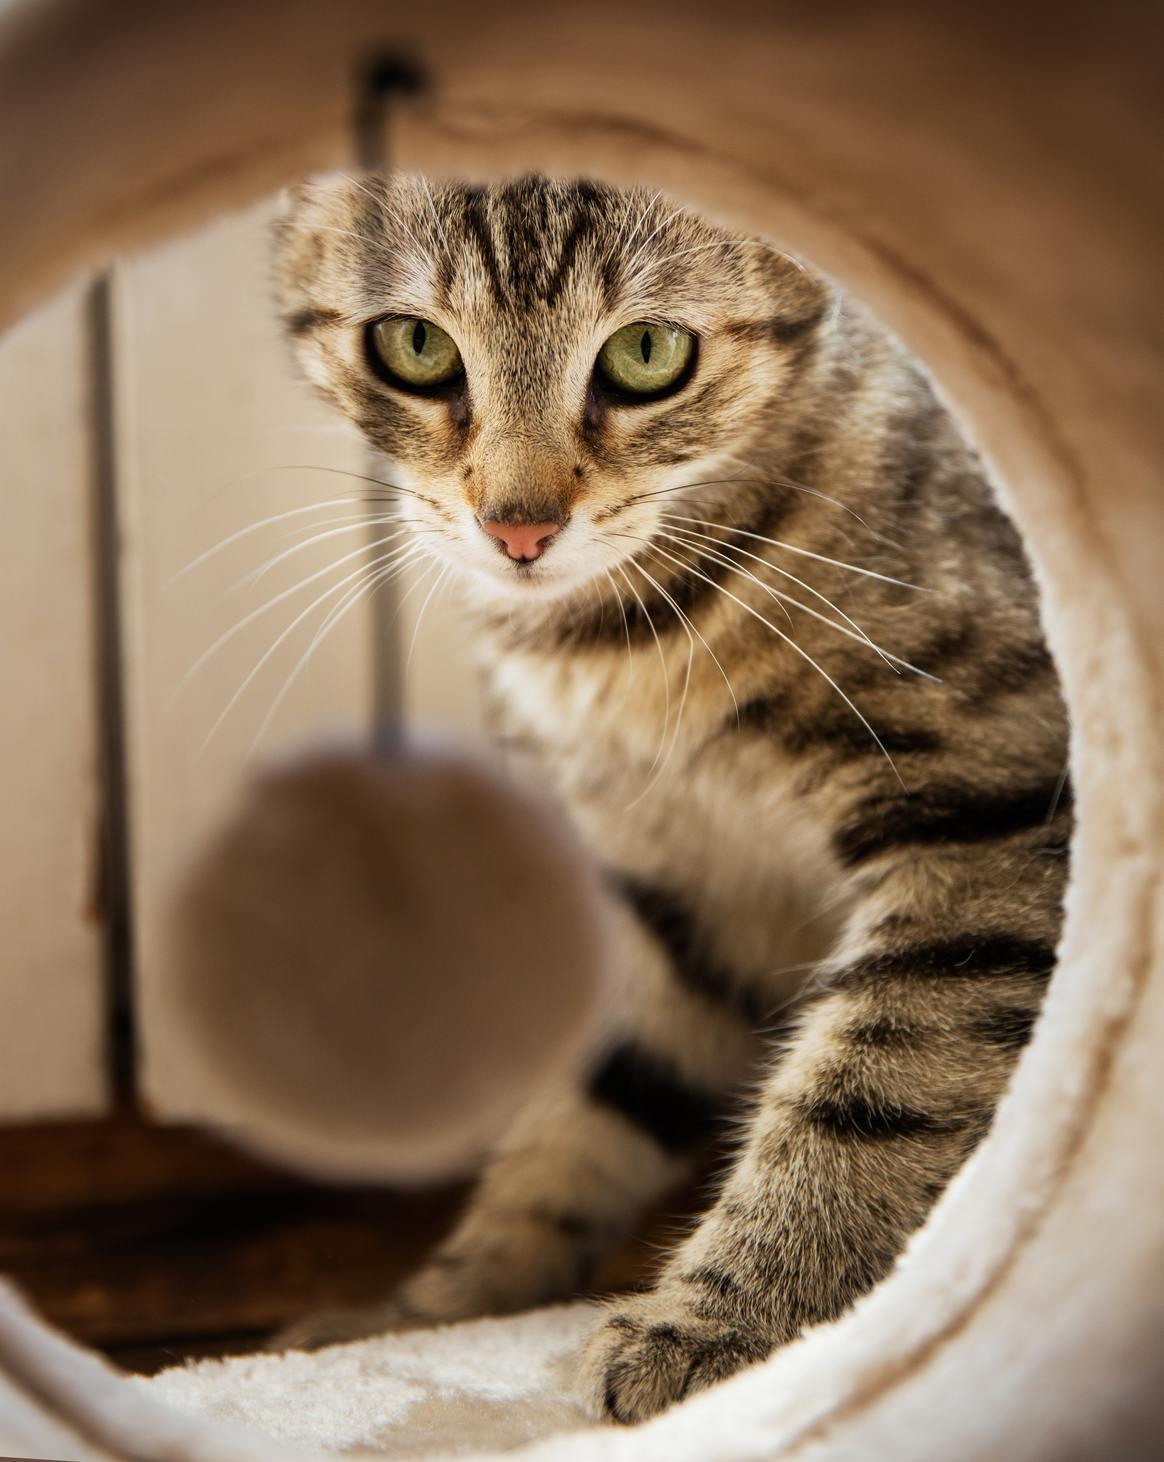 Hình ảnh mèo mướp vằn